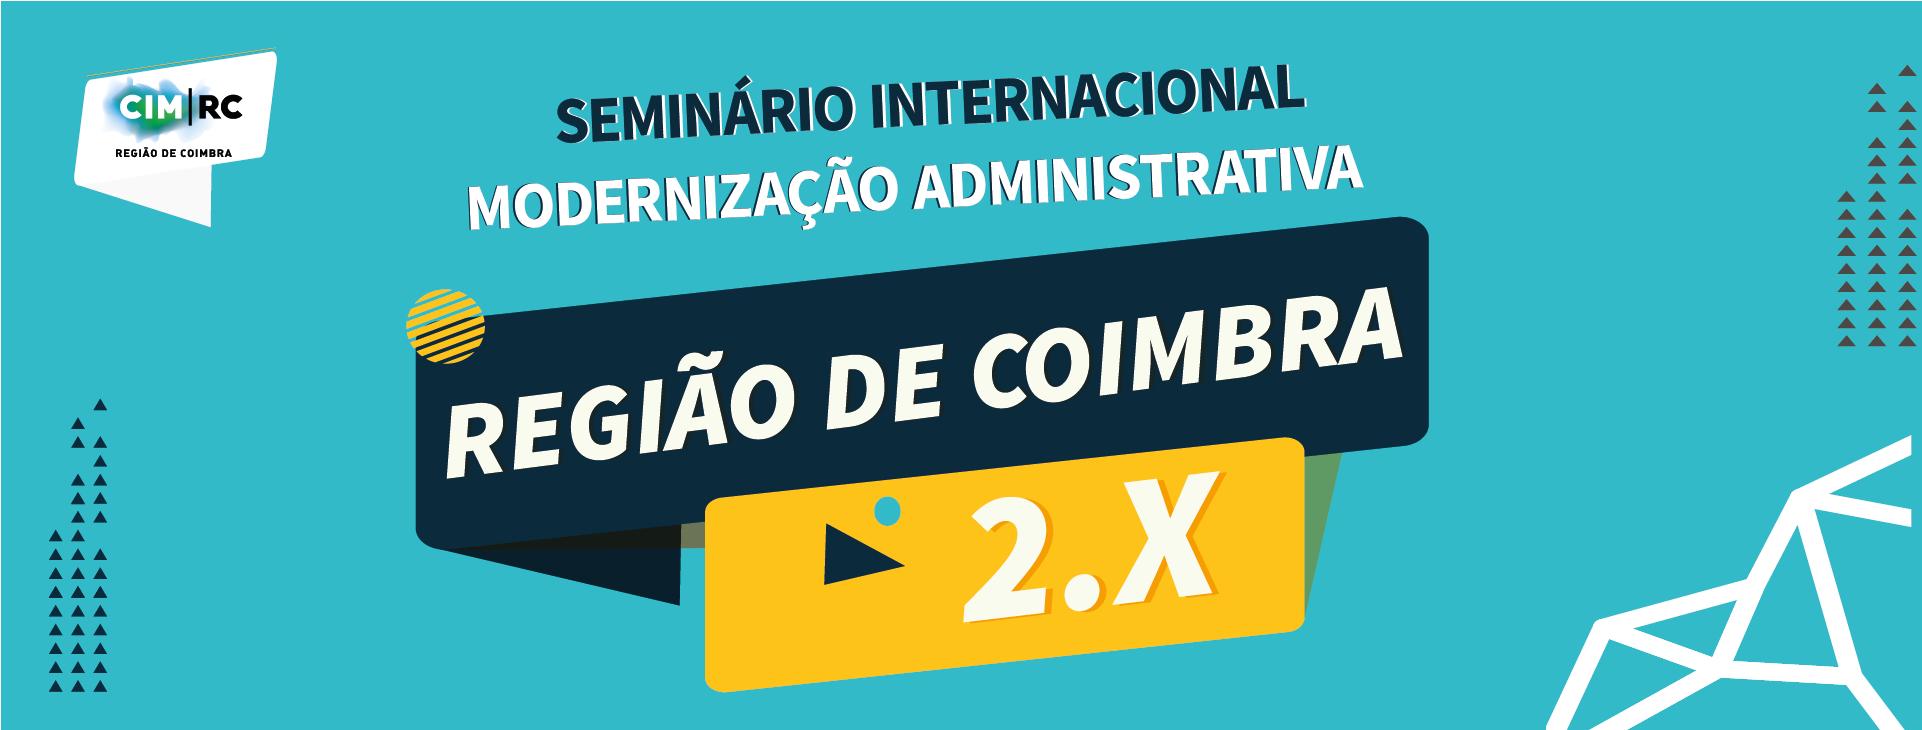 Seminário Reg. Coimbra  2.X